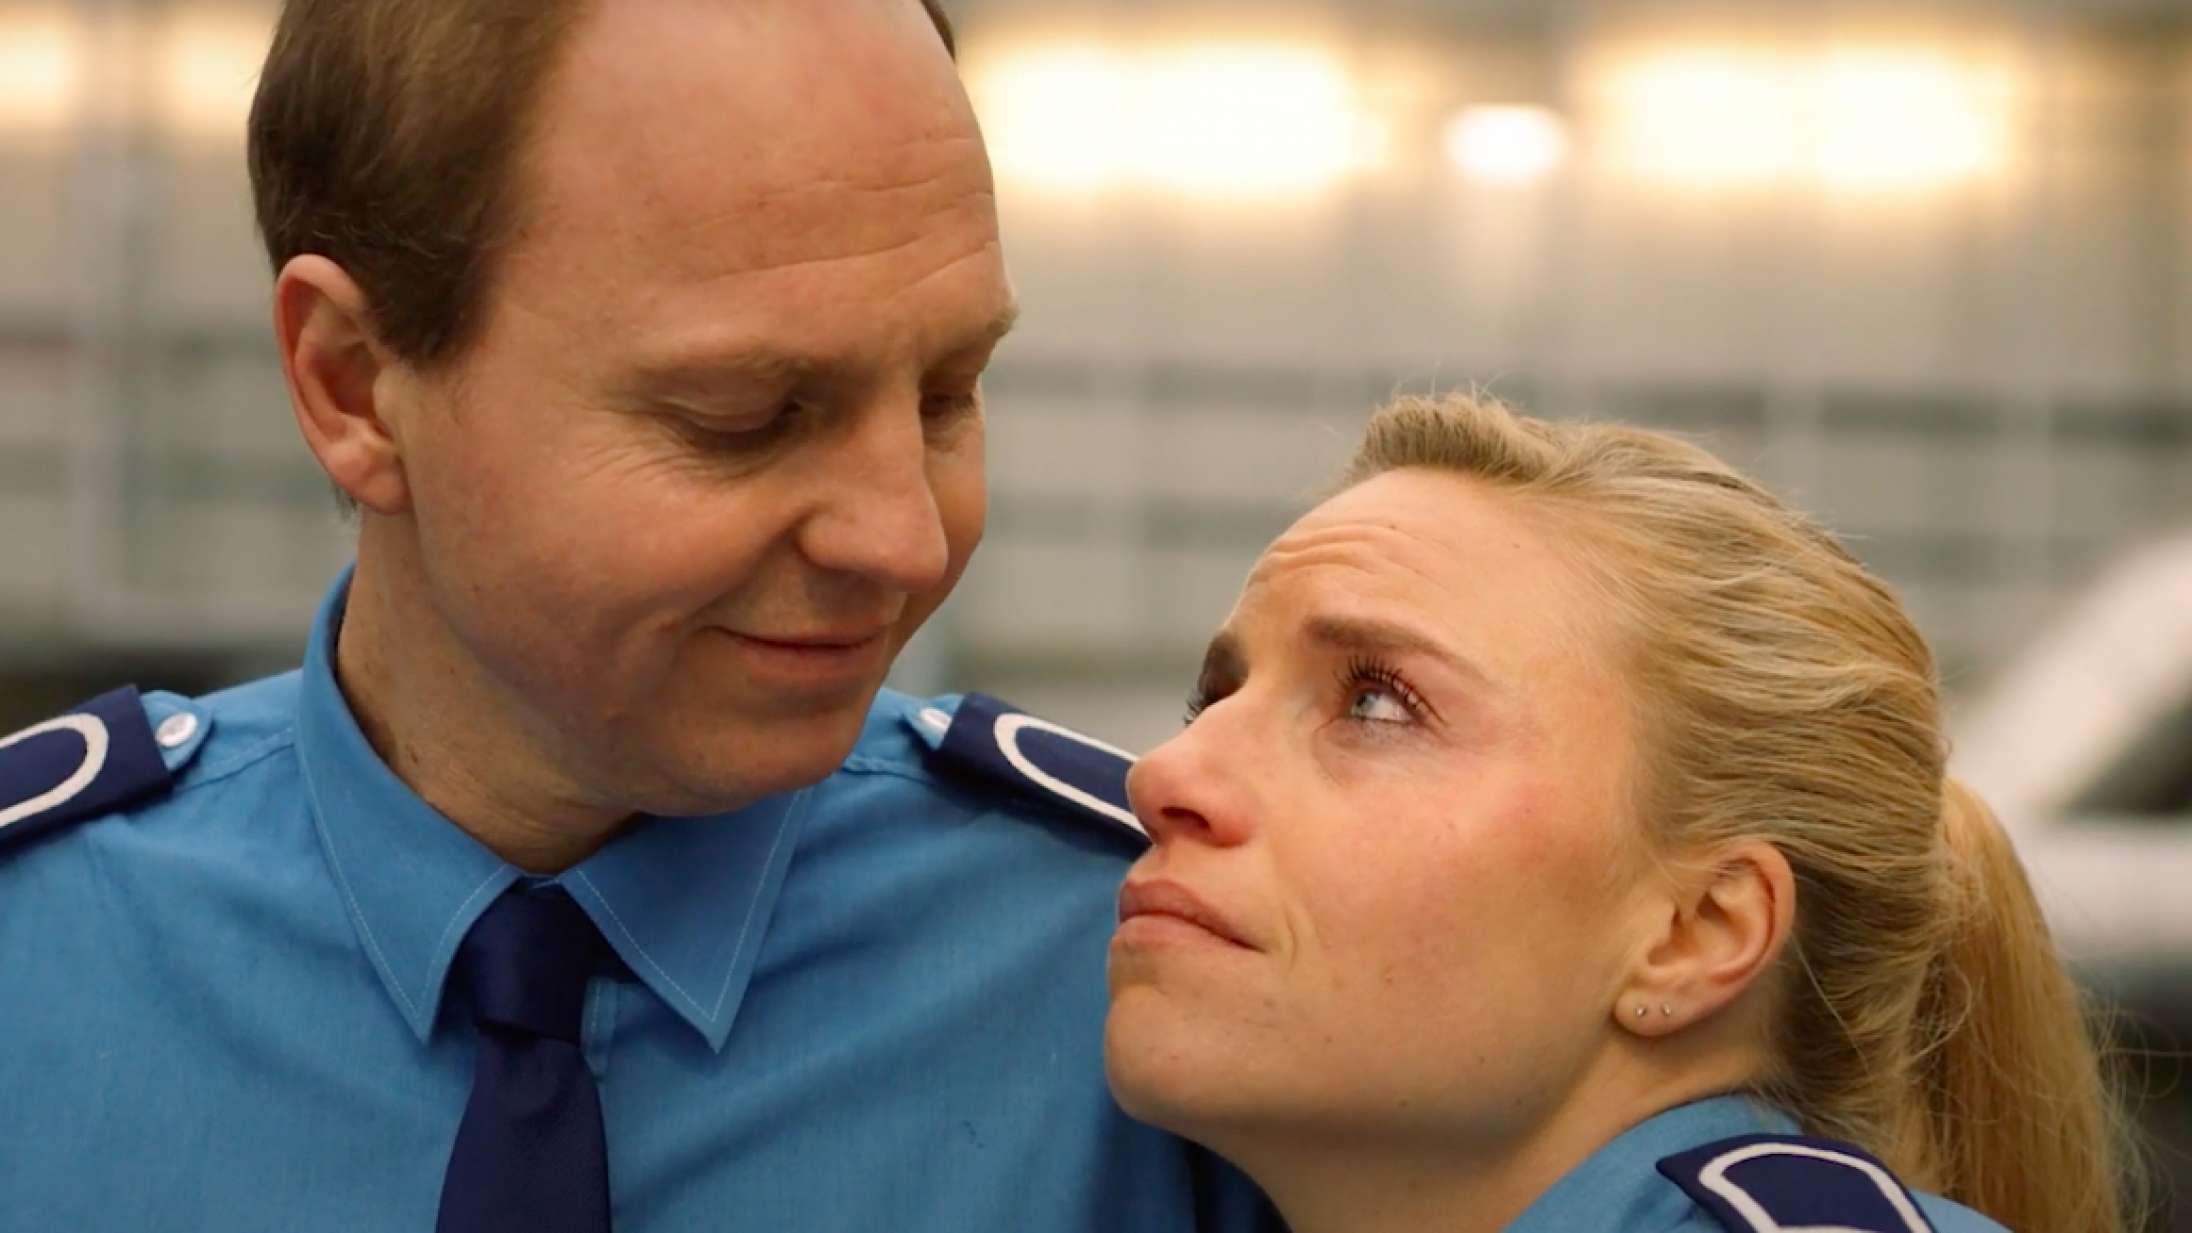 Rune Klan og Josephine Park forsvarer dit shoppecenter – se traileren til komedien 'Centervagt'